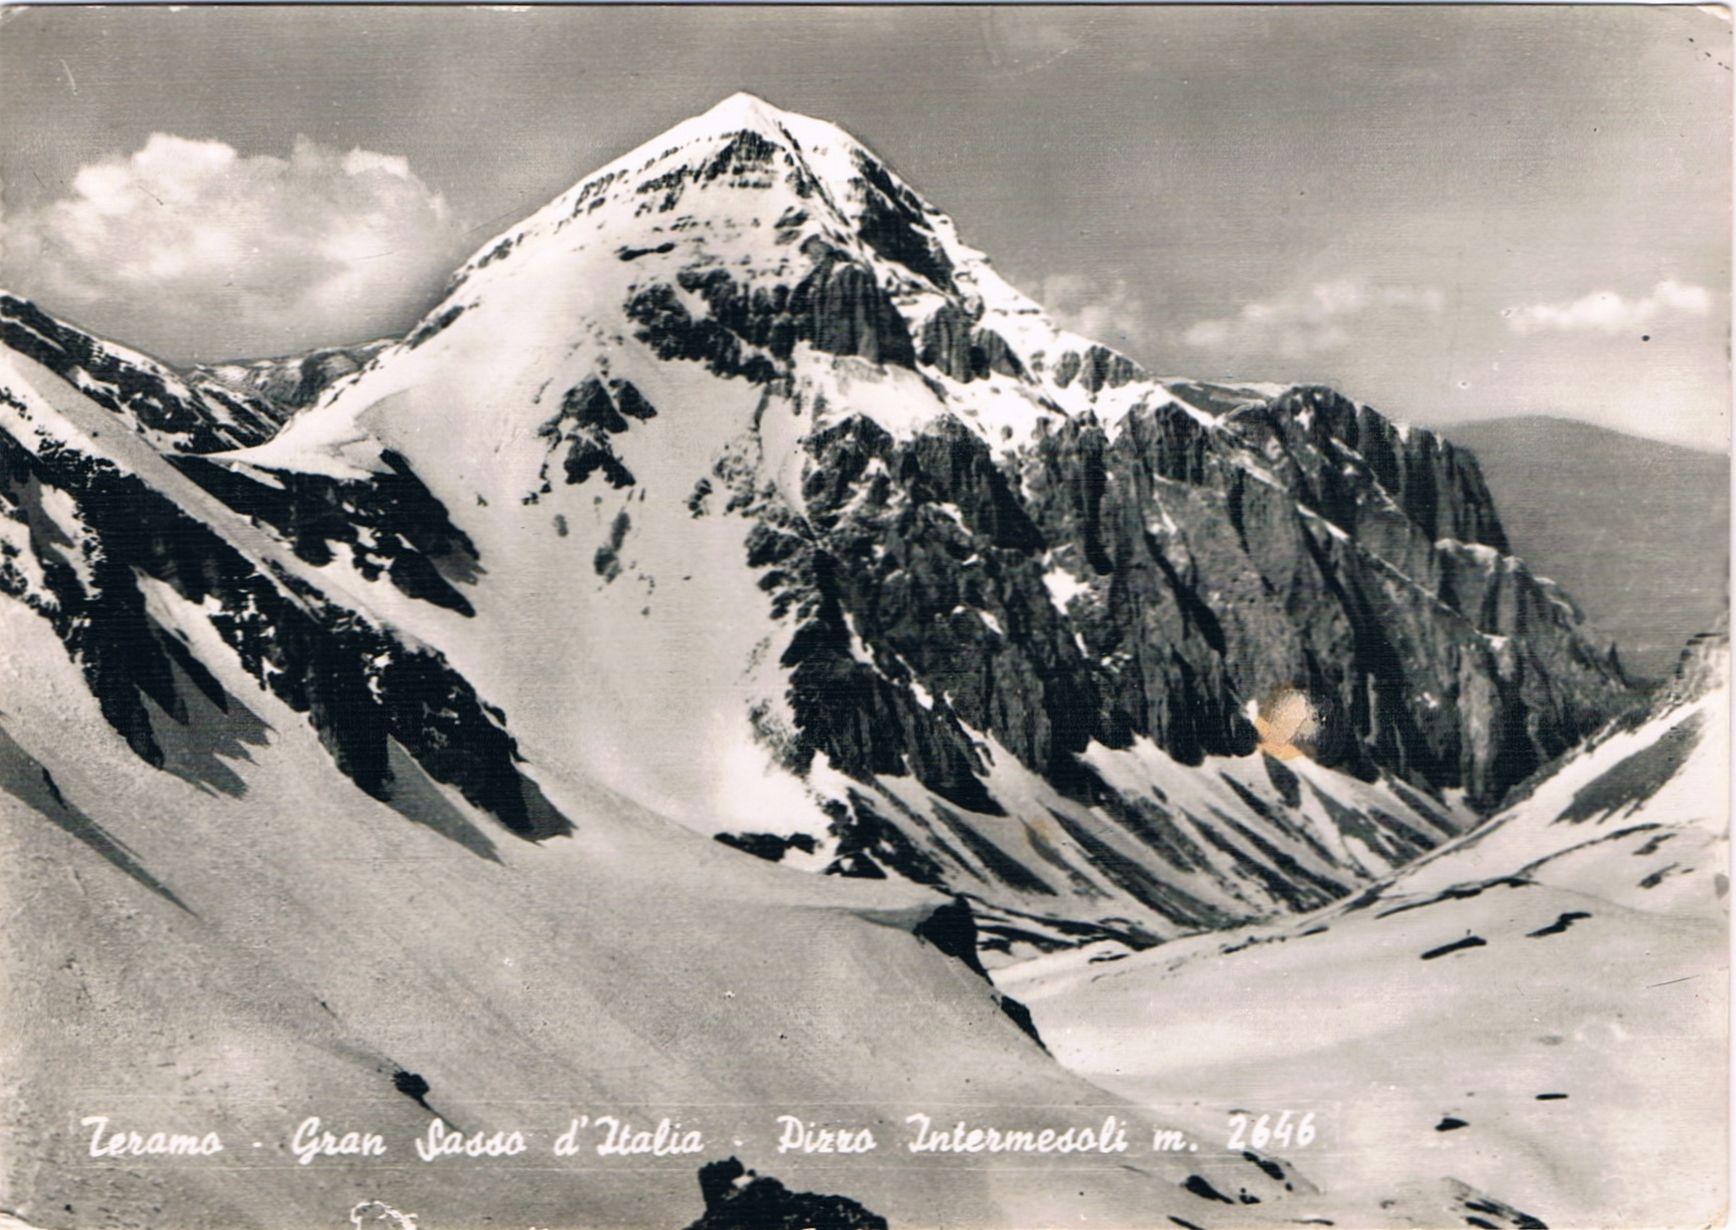 TERAMO - Gran Sasso d'Italia - Pizzo Intermesoli - m. 2646